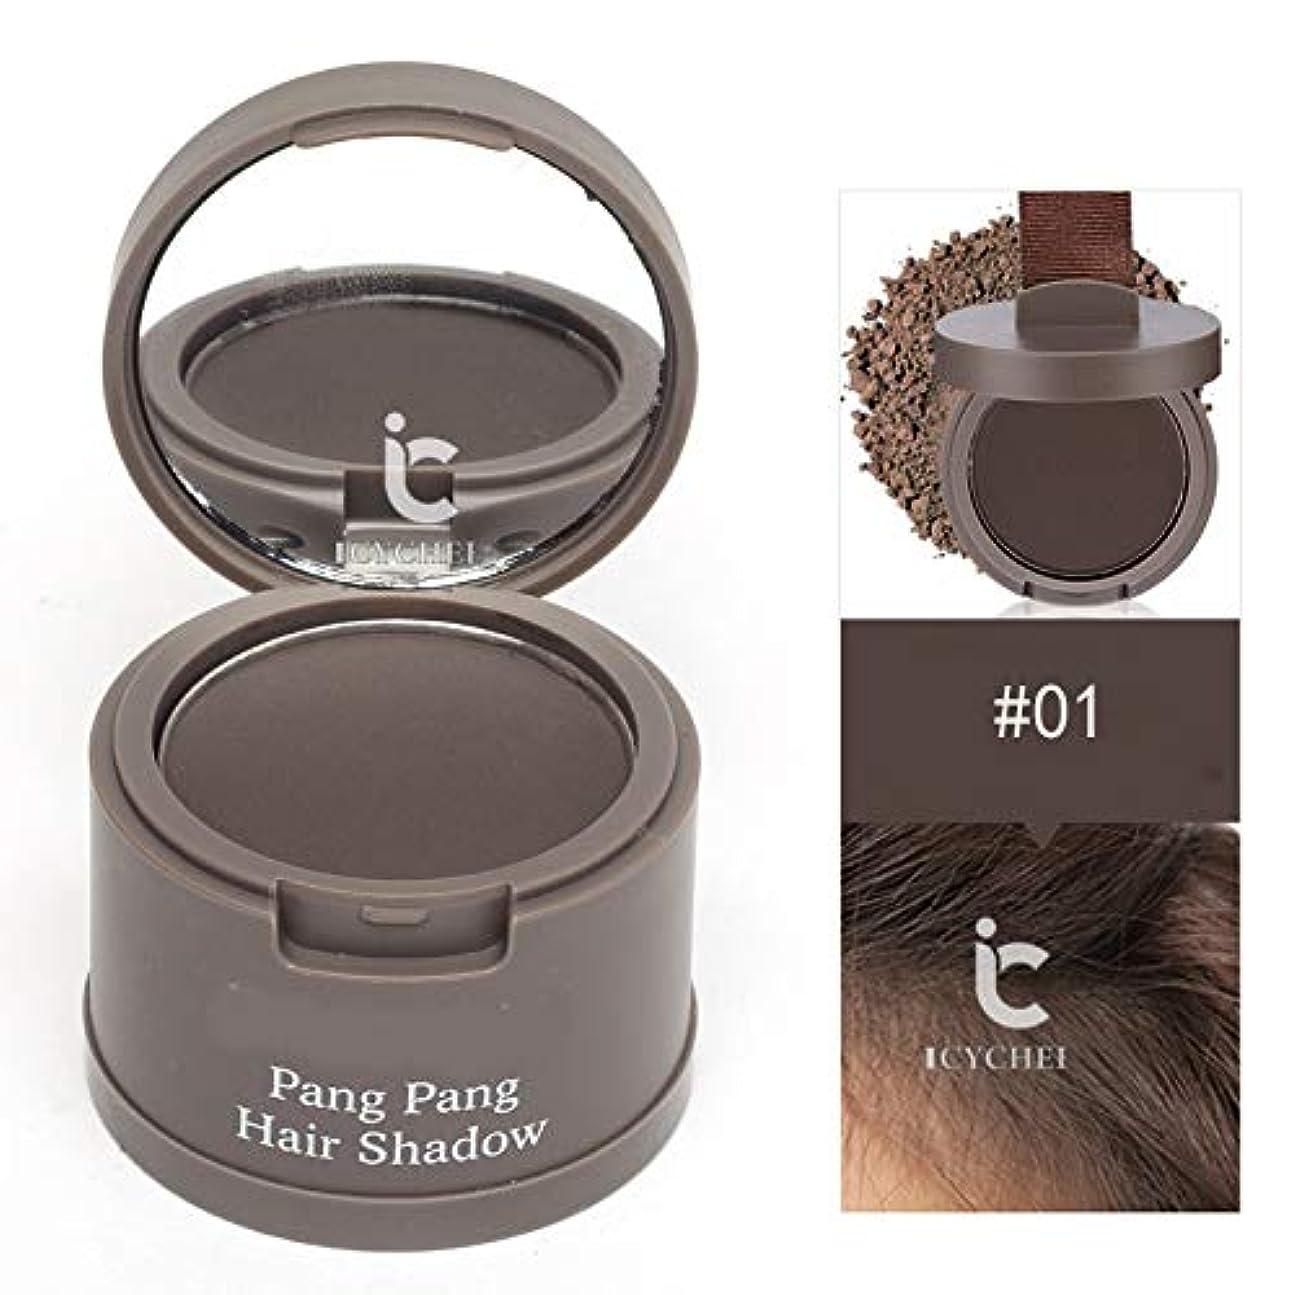 命題一過性テンション髪のためのヘアラインシャドウパウダー髪のシェーダレタッチルーツと髪パーフェクトカバレッジをラスティングICYCHEER防水ロング (01)